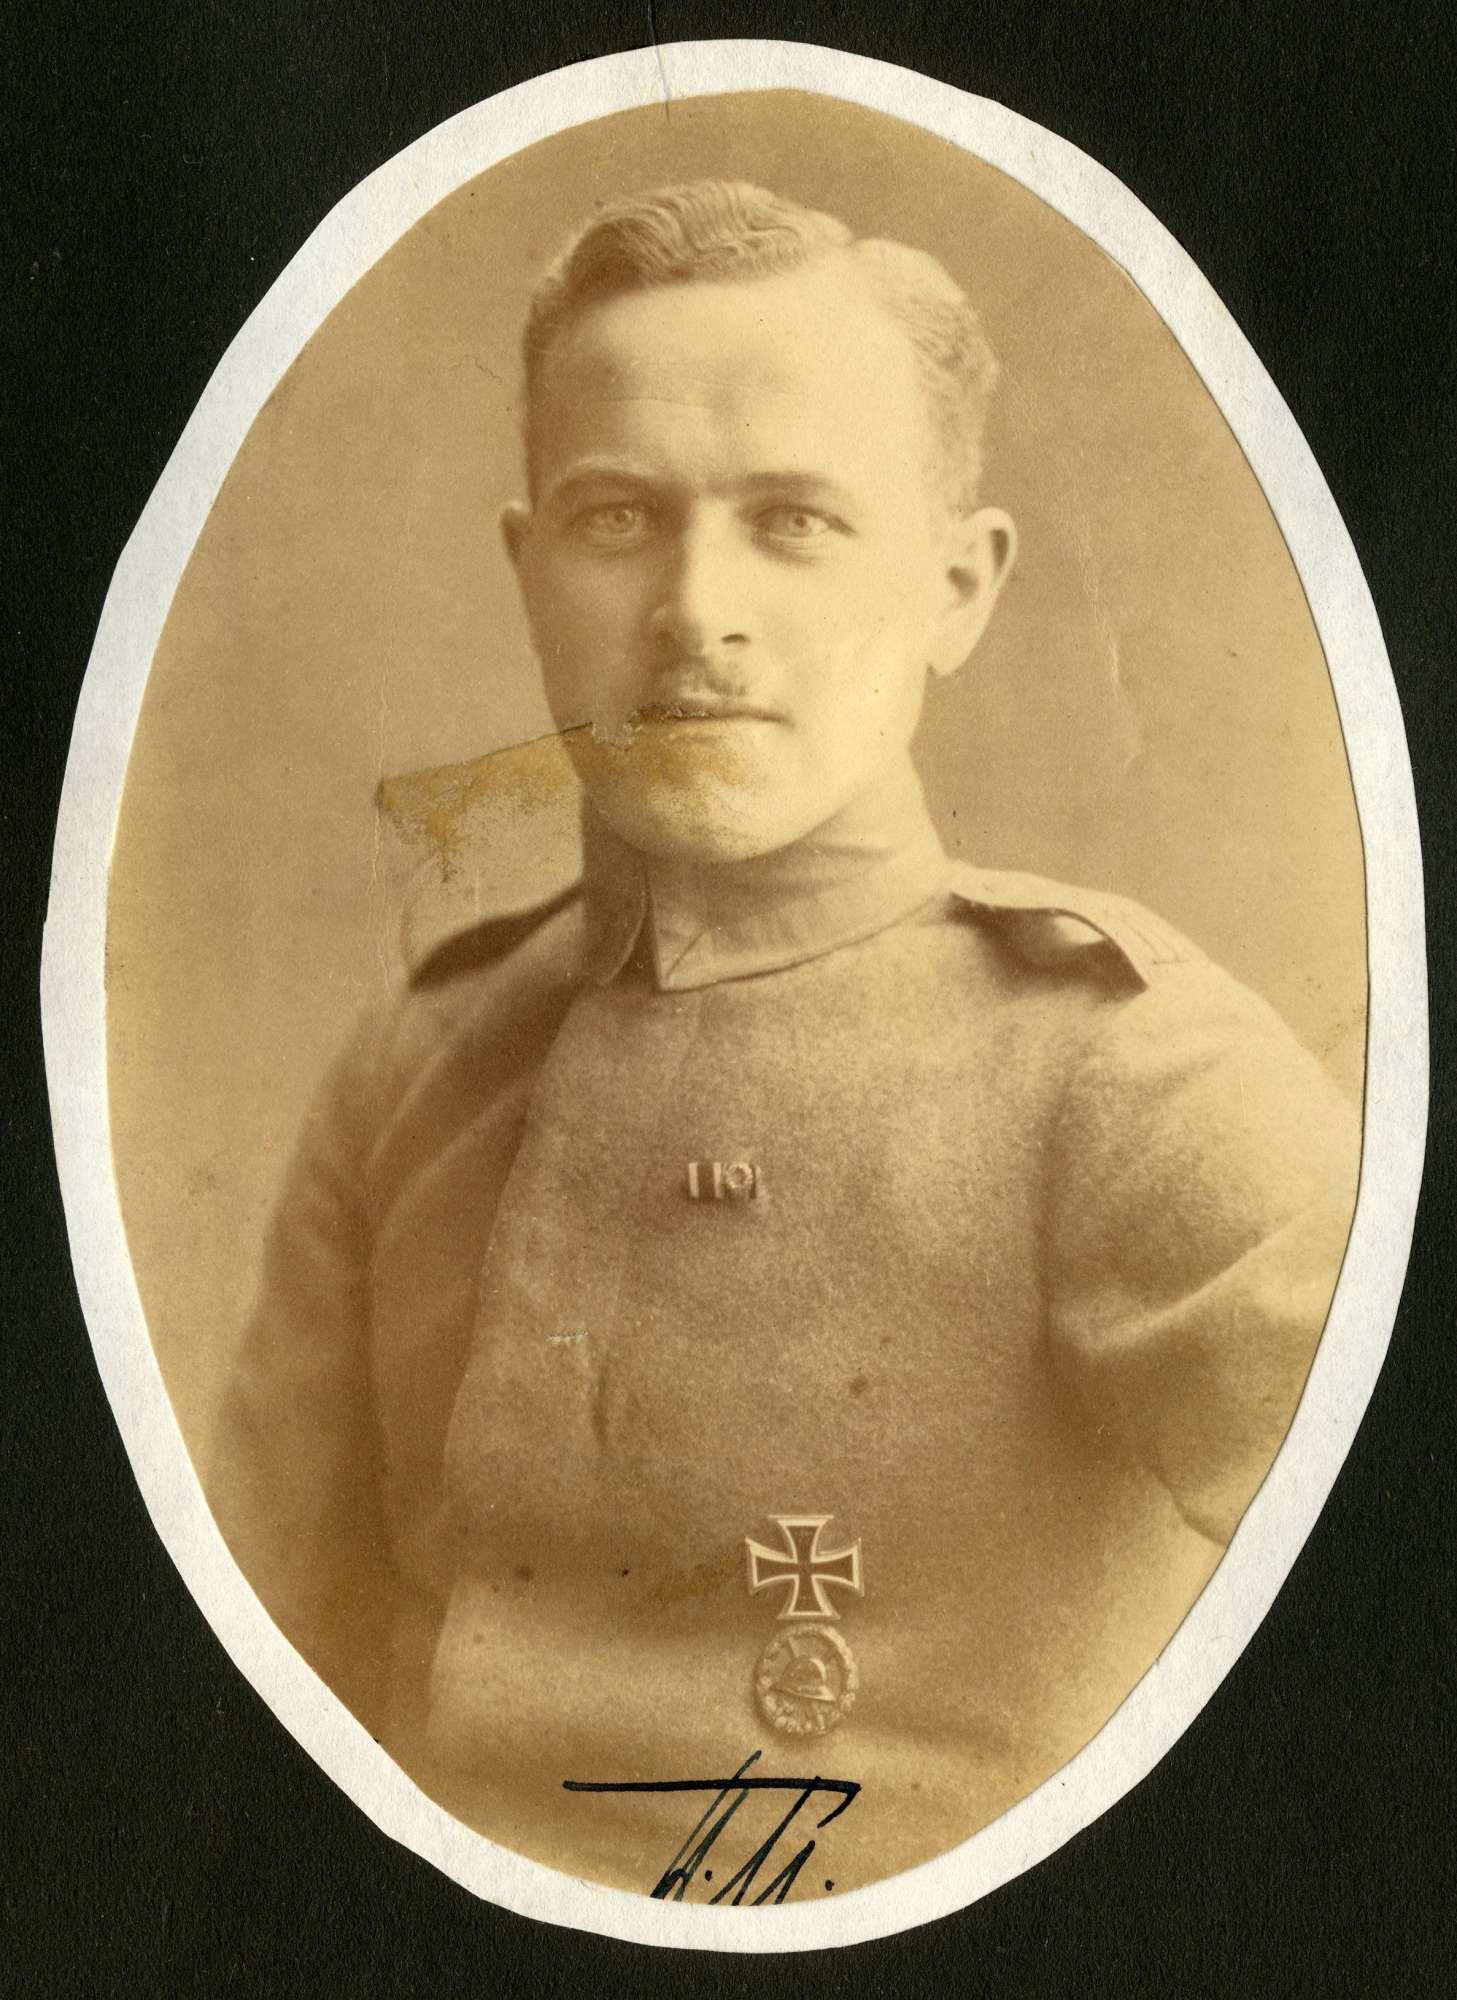 Stierle, Heinrich, Bild 1